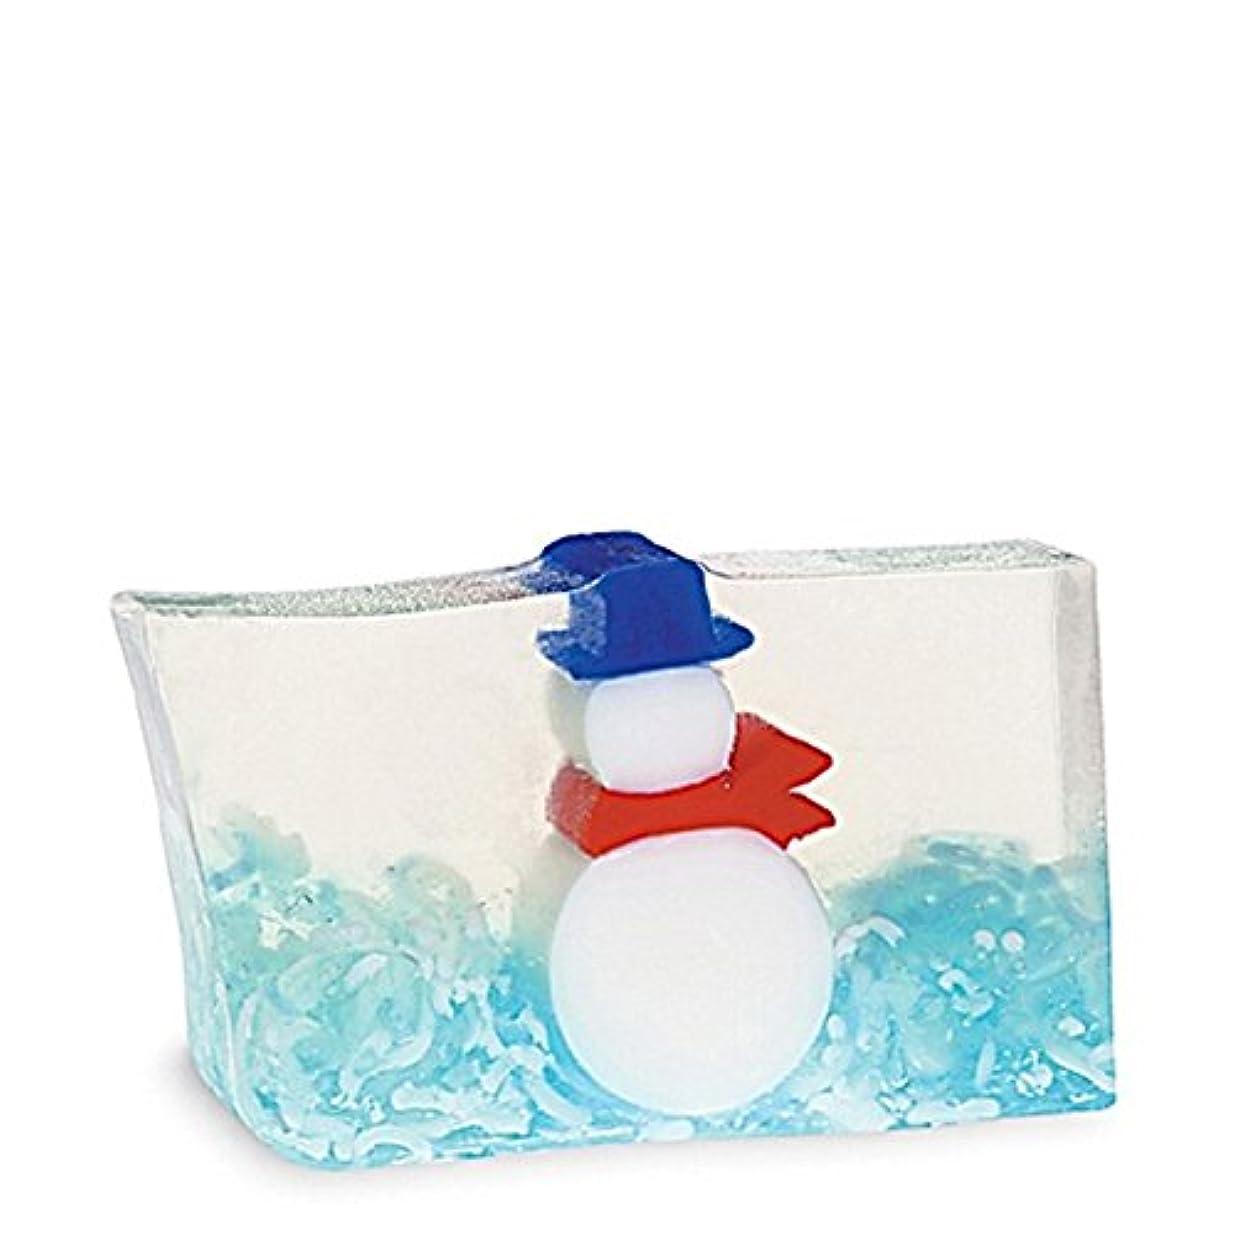 雇用彼女の平らな原初の要素雪だるま石鹸170グラム x2 - Primal Elements Snowman Soap 170g (Pack of 2) [並行輸入品]